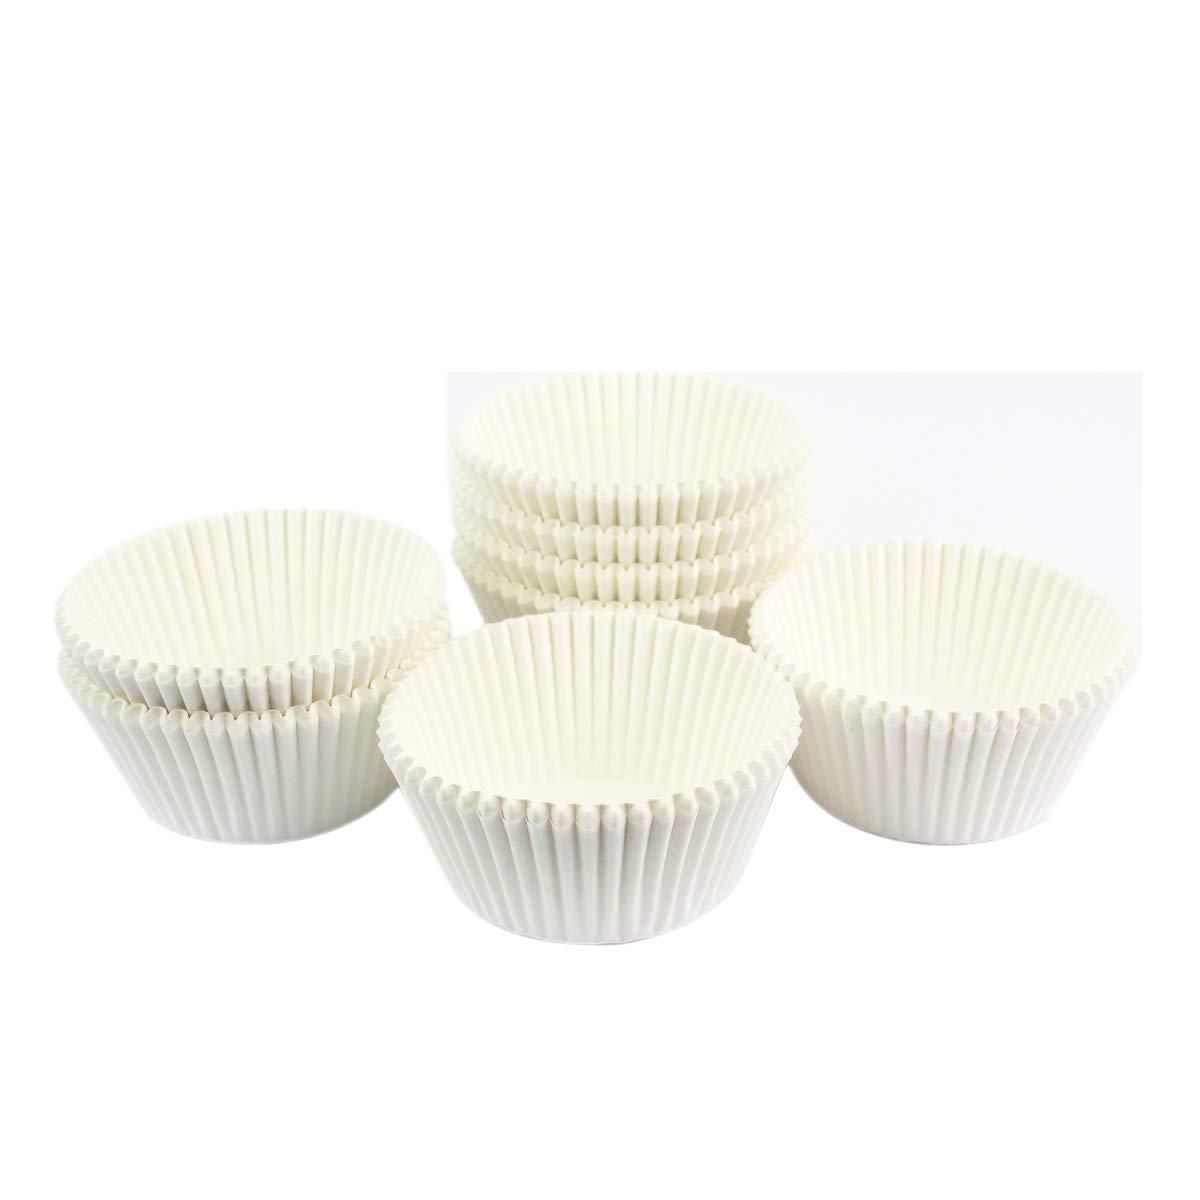 Eoonfirst Standard Size Baking Cups 200 Pcs